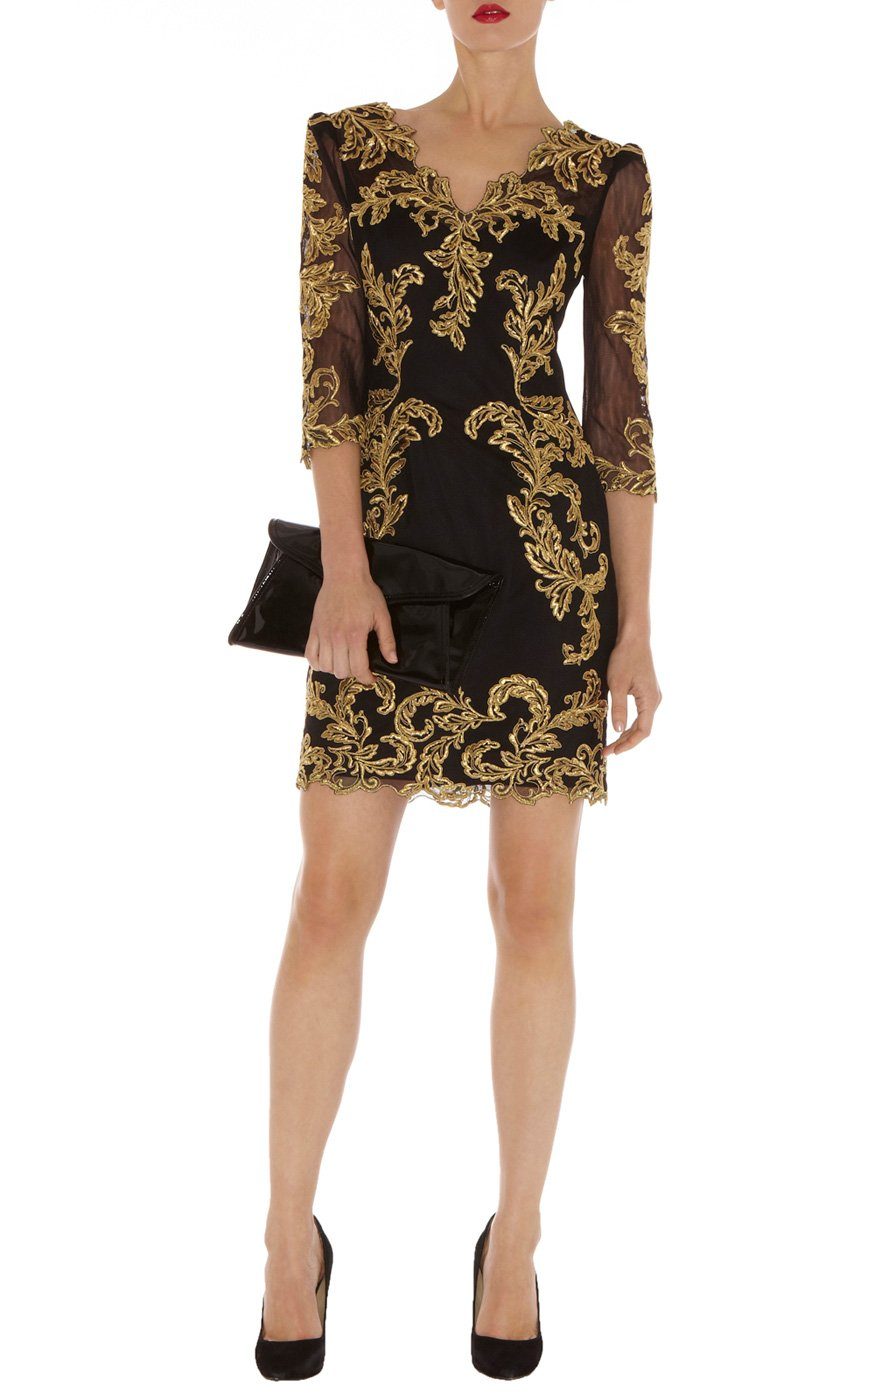 Black dress house of fraser - Gold Dress House Of Fraser Karen